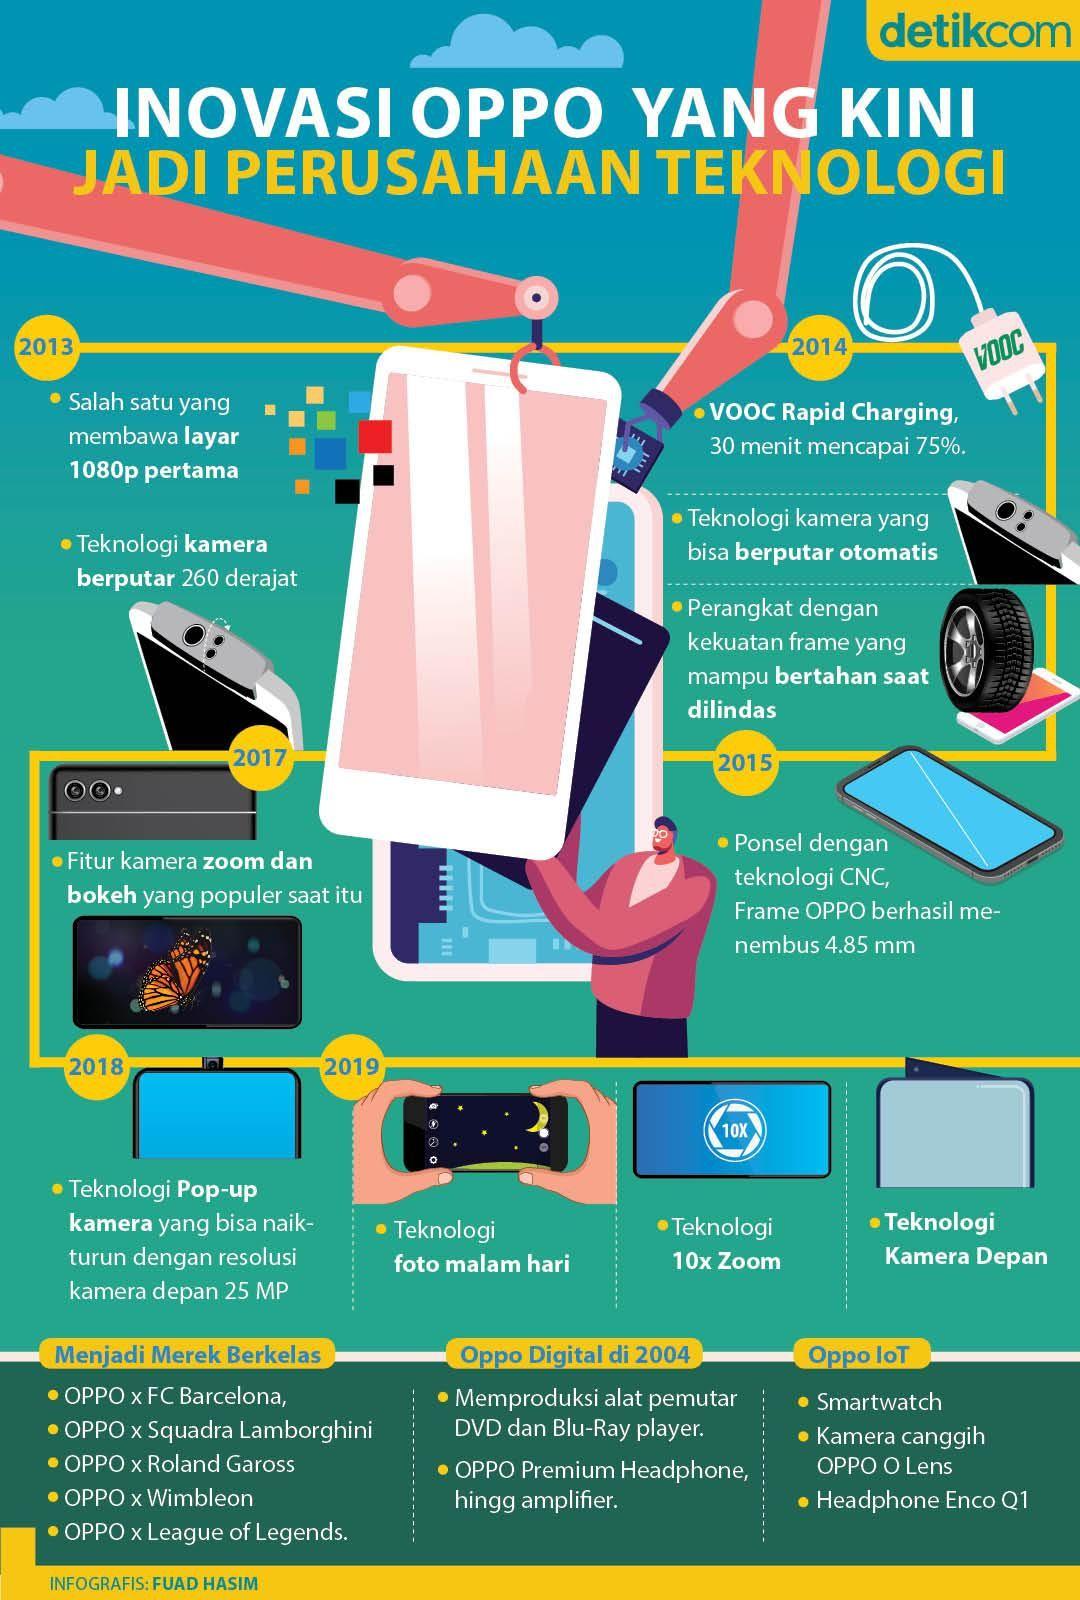 Inovasi OPPO yang Kini Jadi Perusahaan Teknologi